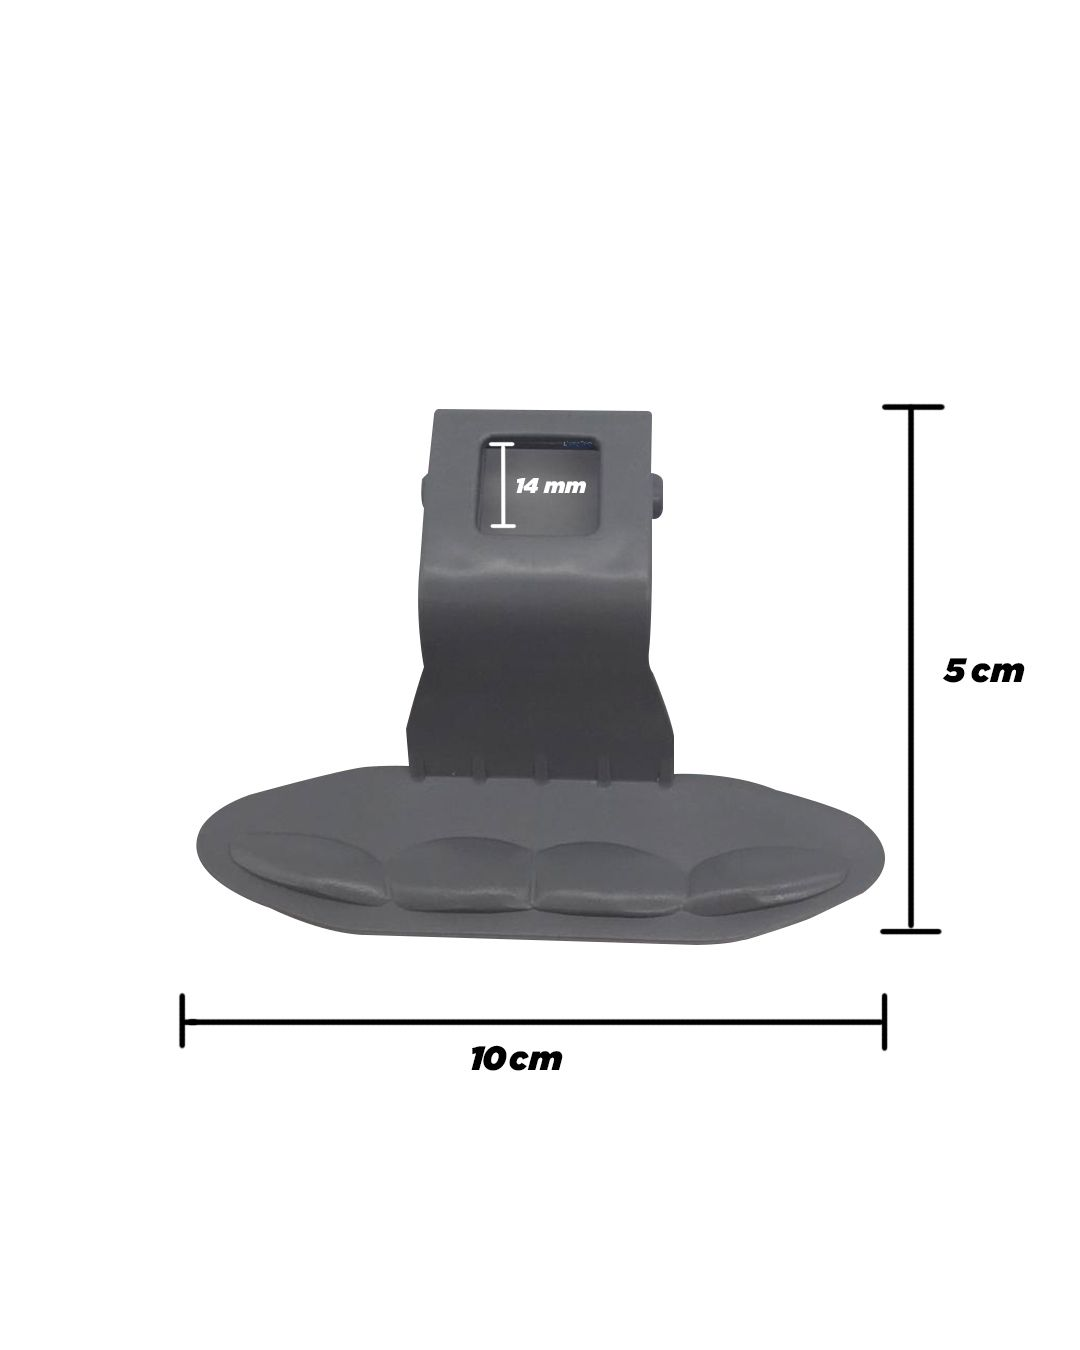 Kit Puxador Porta Lavadora Secadora - 10 unidades - LG